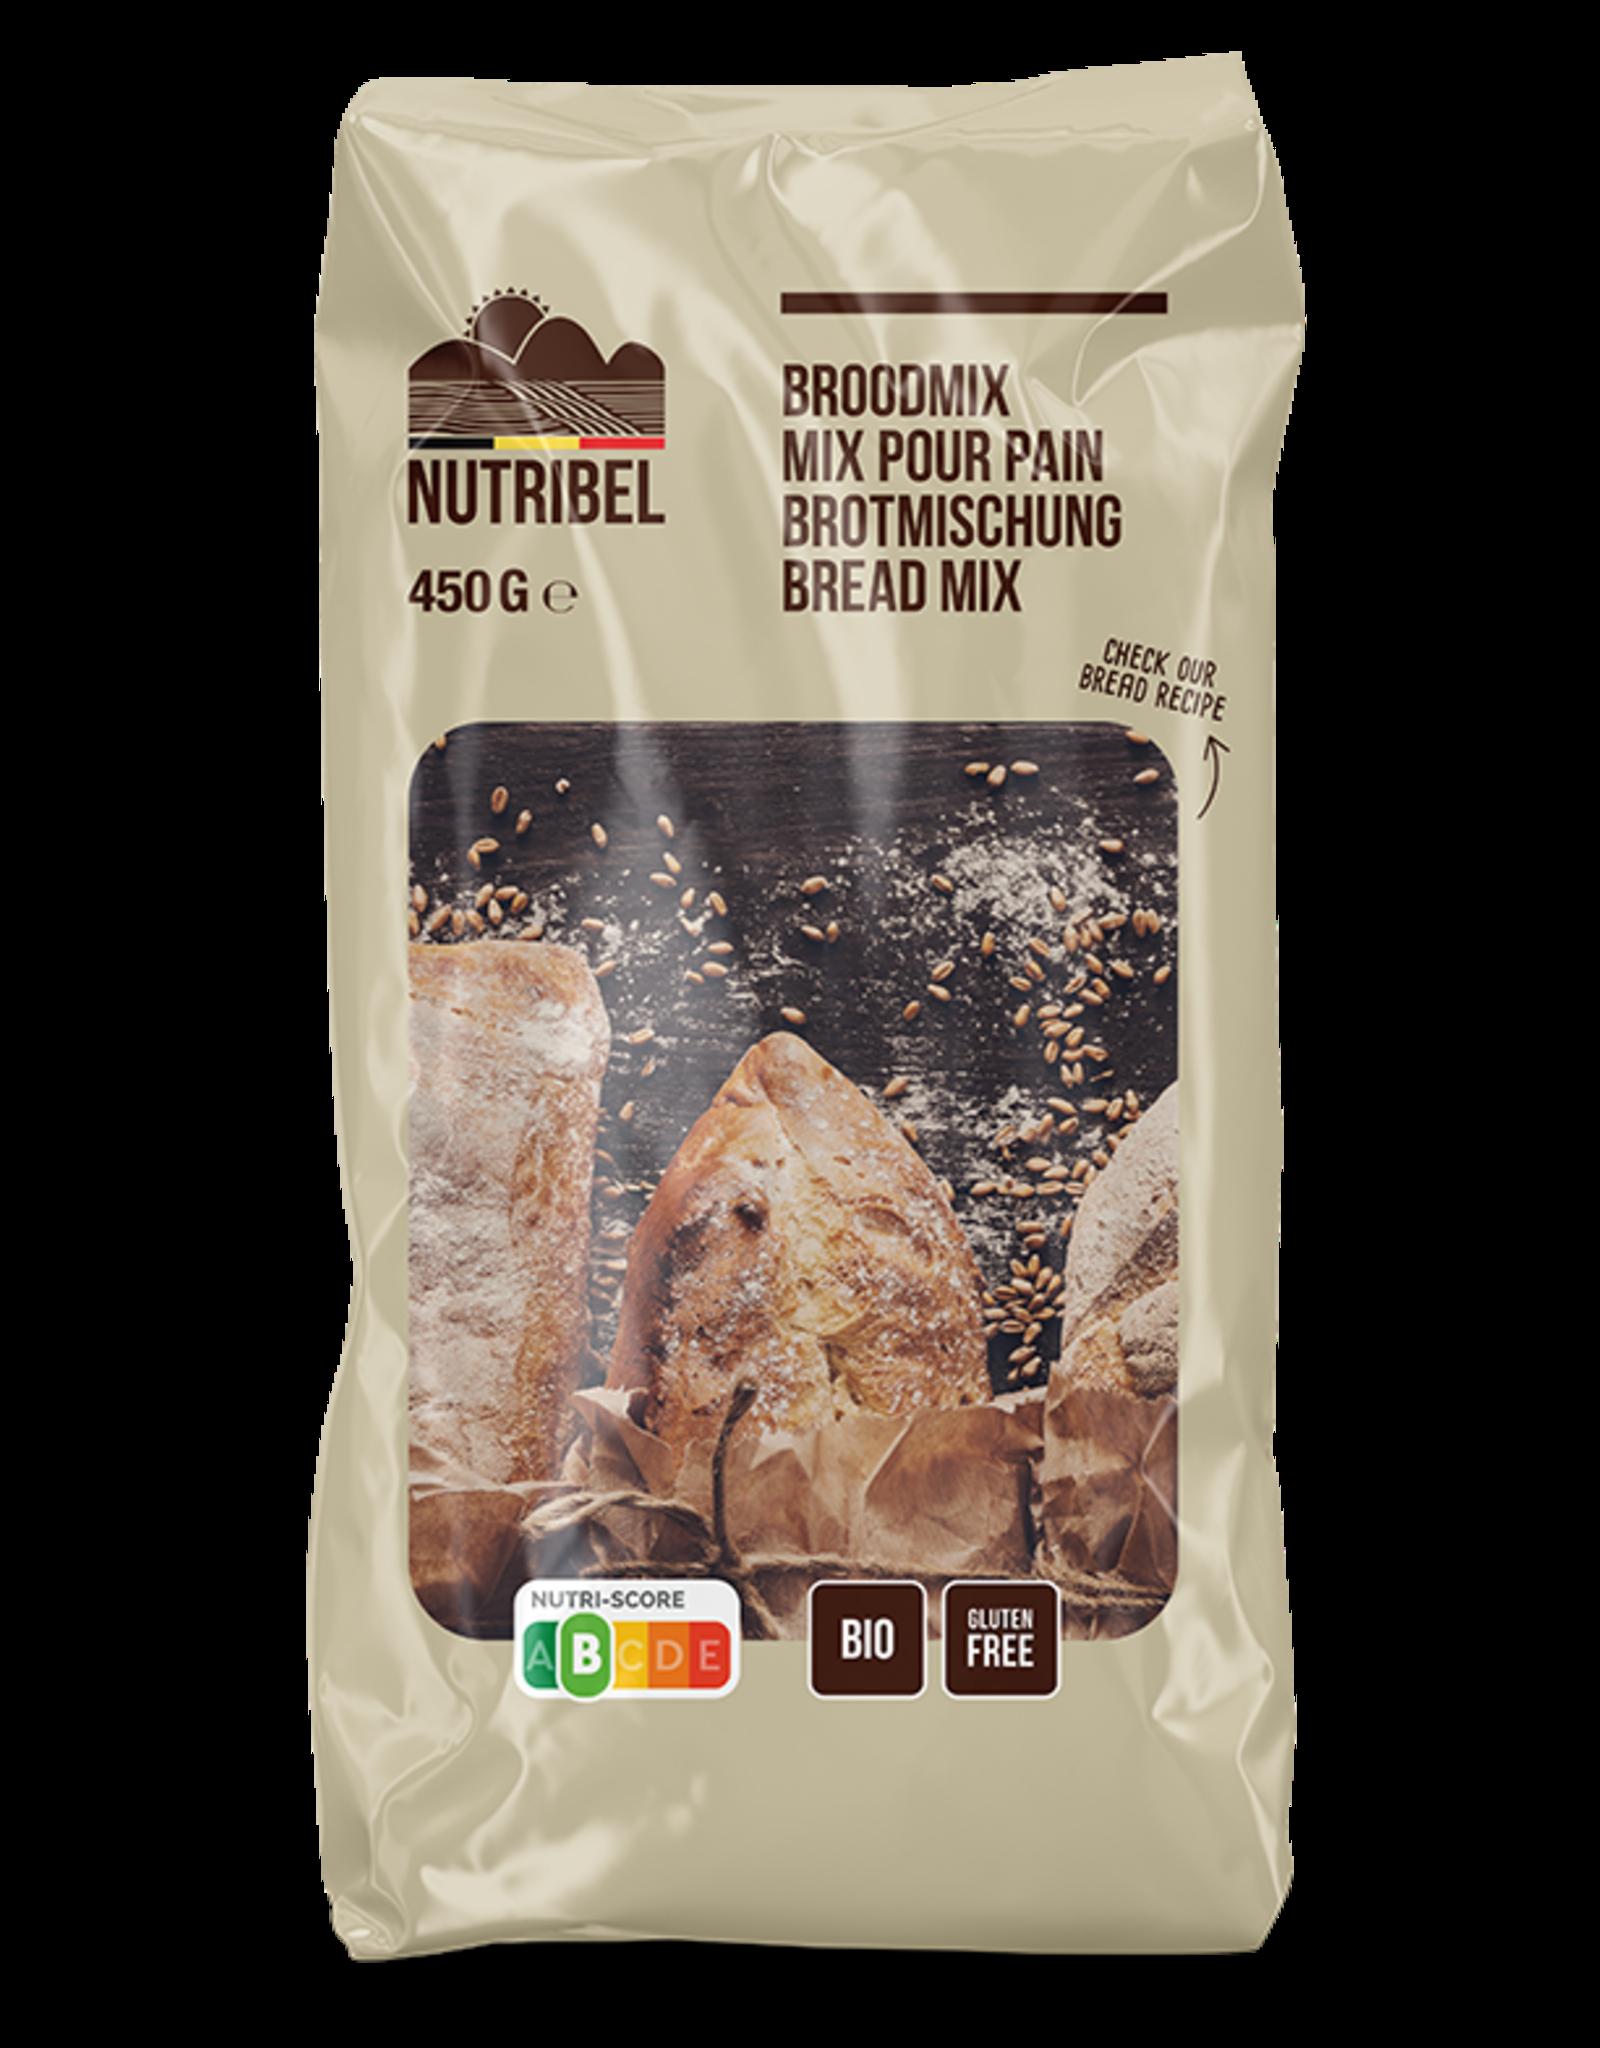 Nutribel Pain mix riche en fibres bio & sans gluten 450g